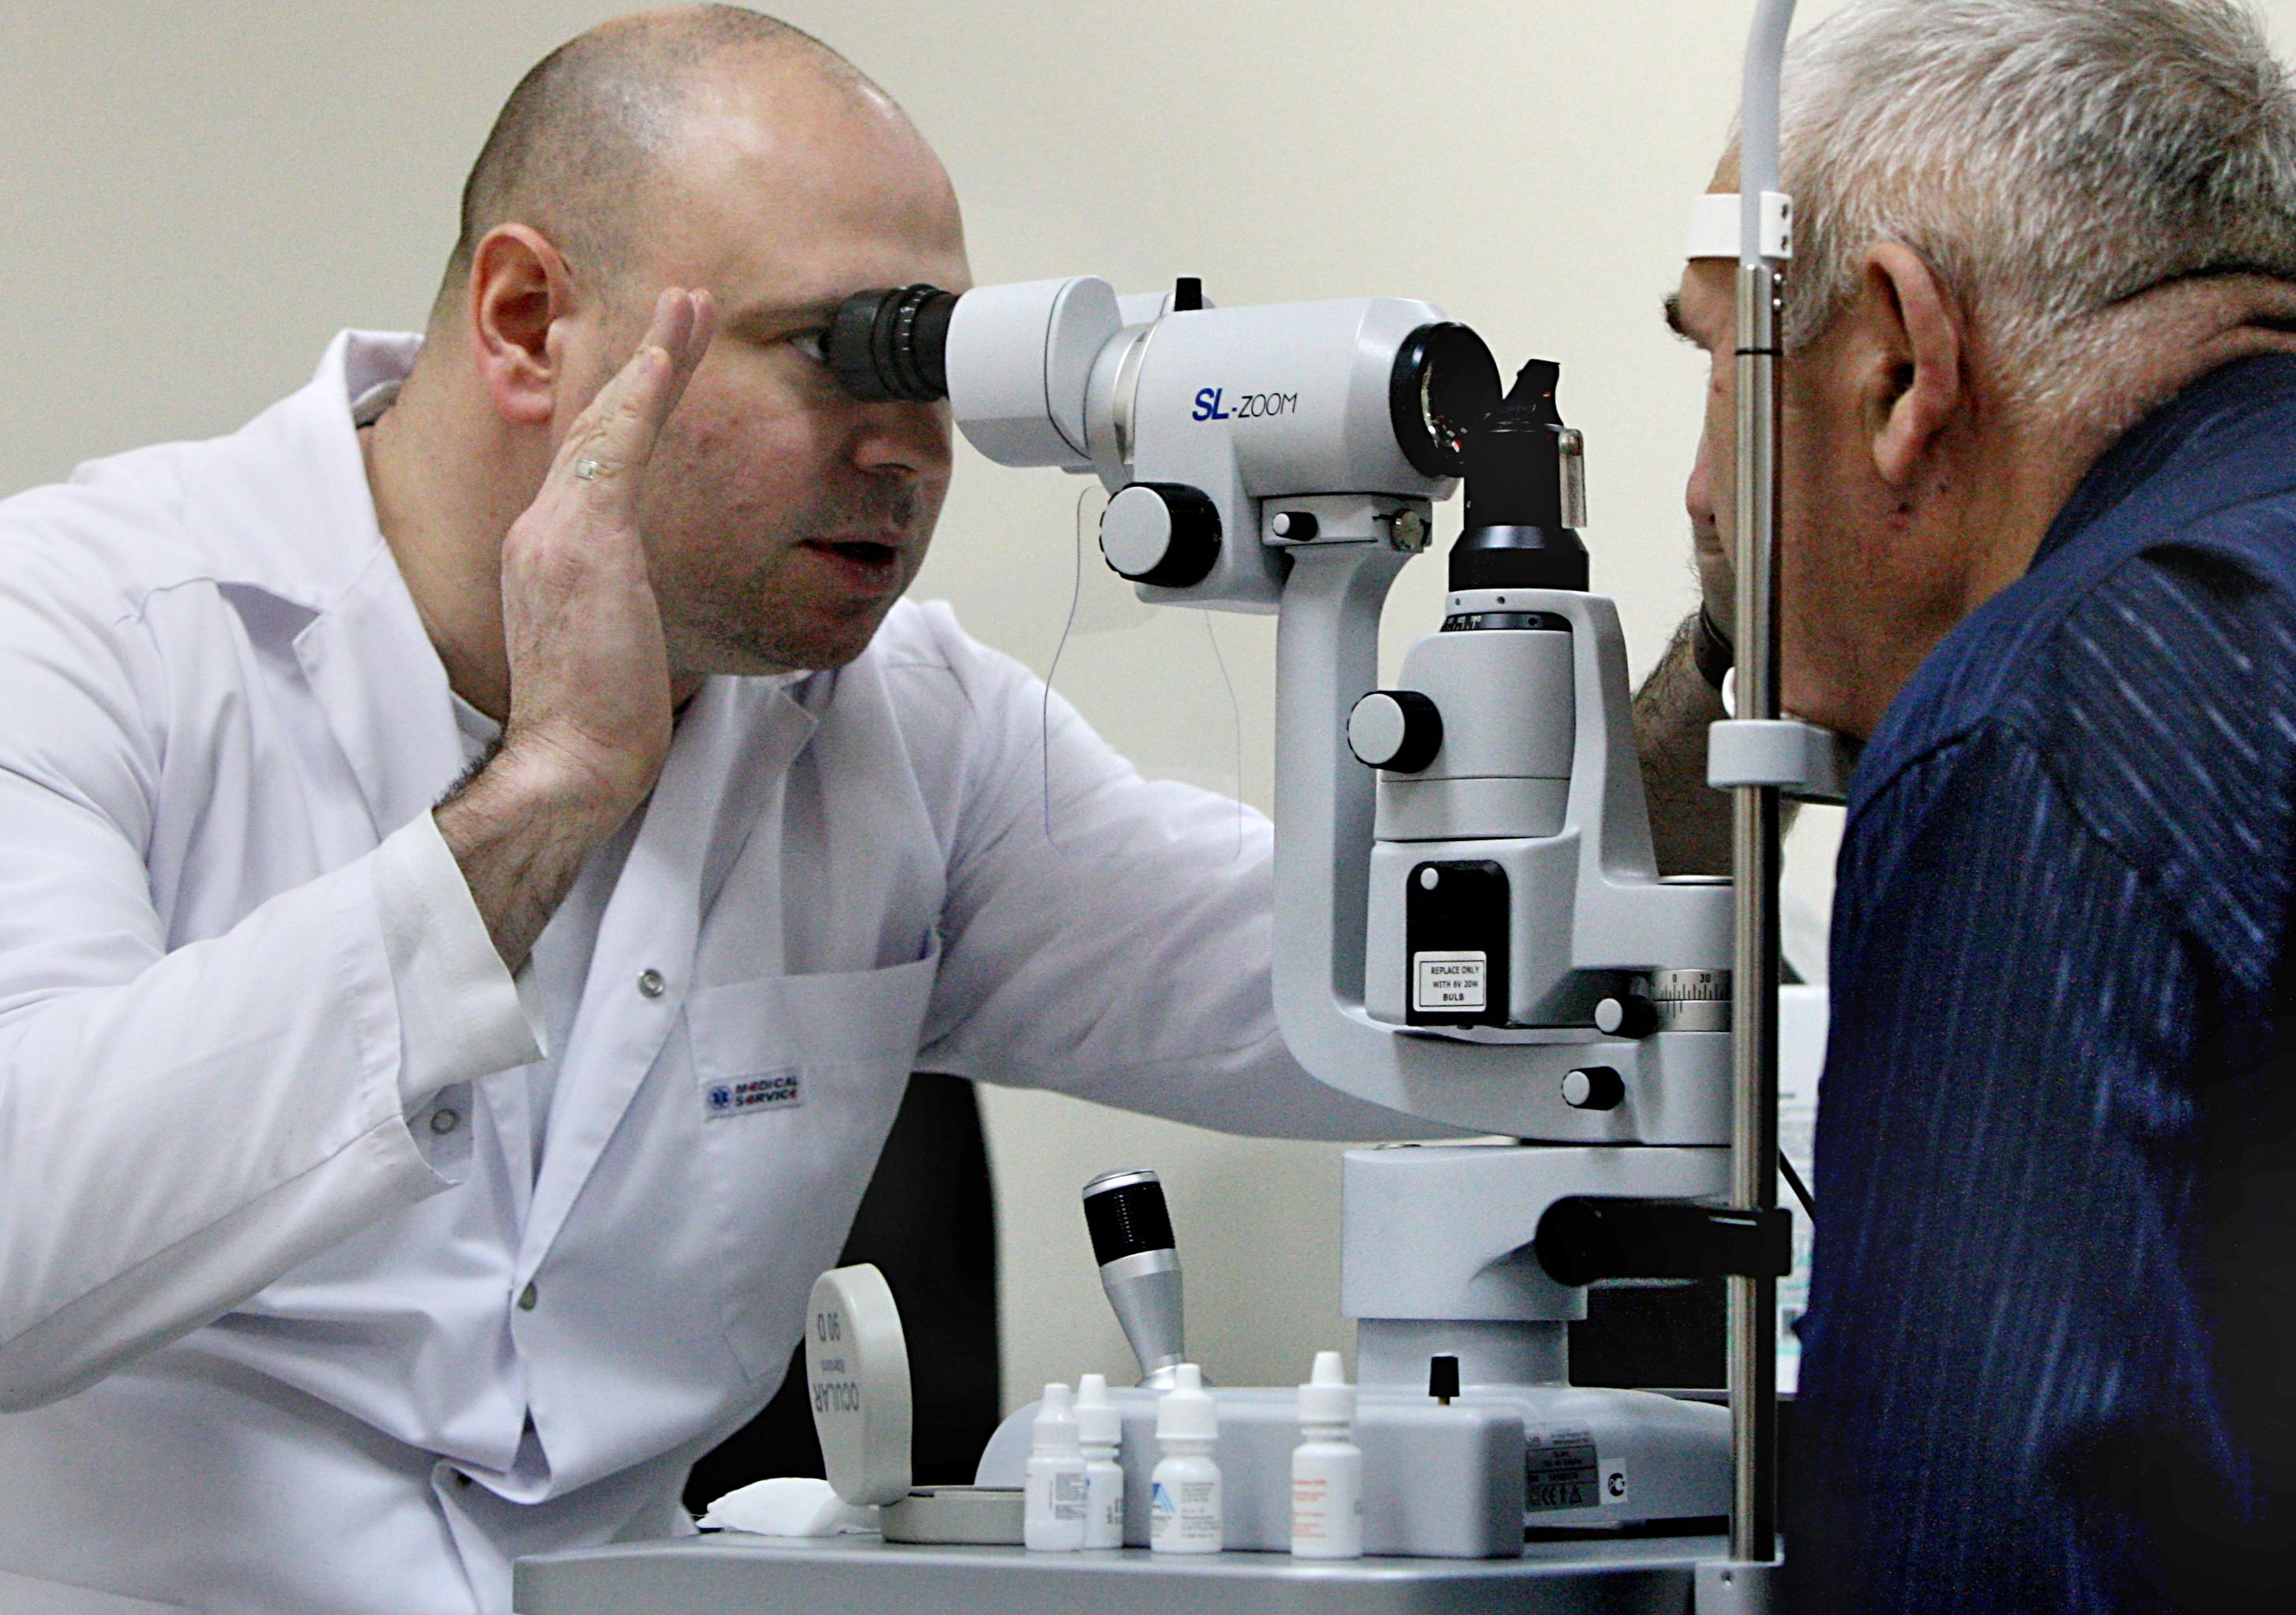 Още в началото на 80-е години Светослав Фьодоров и екипът му разработили няколко уникални методики, които през последните години еволюираха и се прилагат в болшинството страни по света.